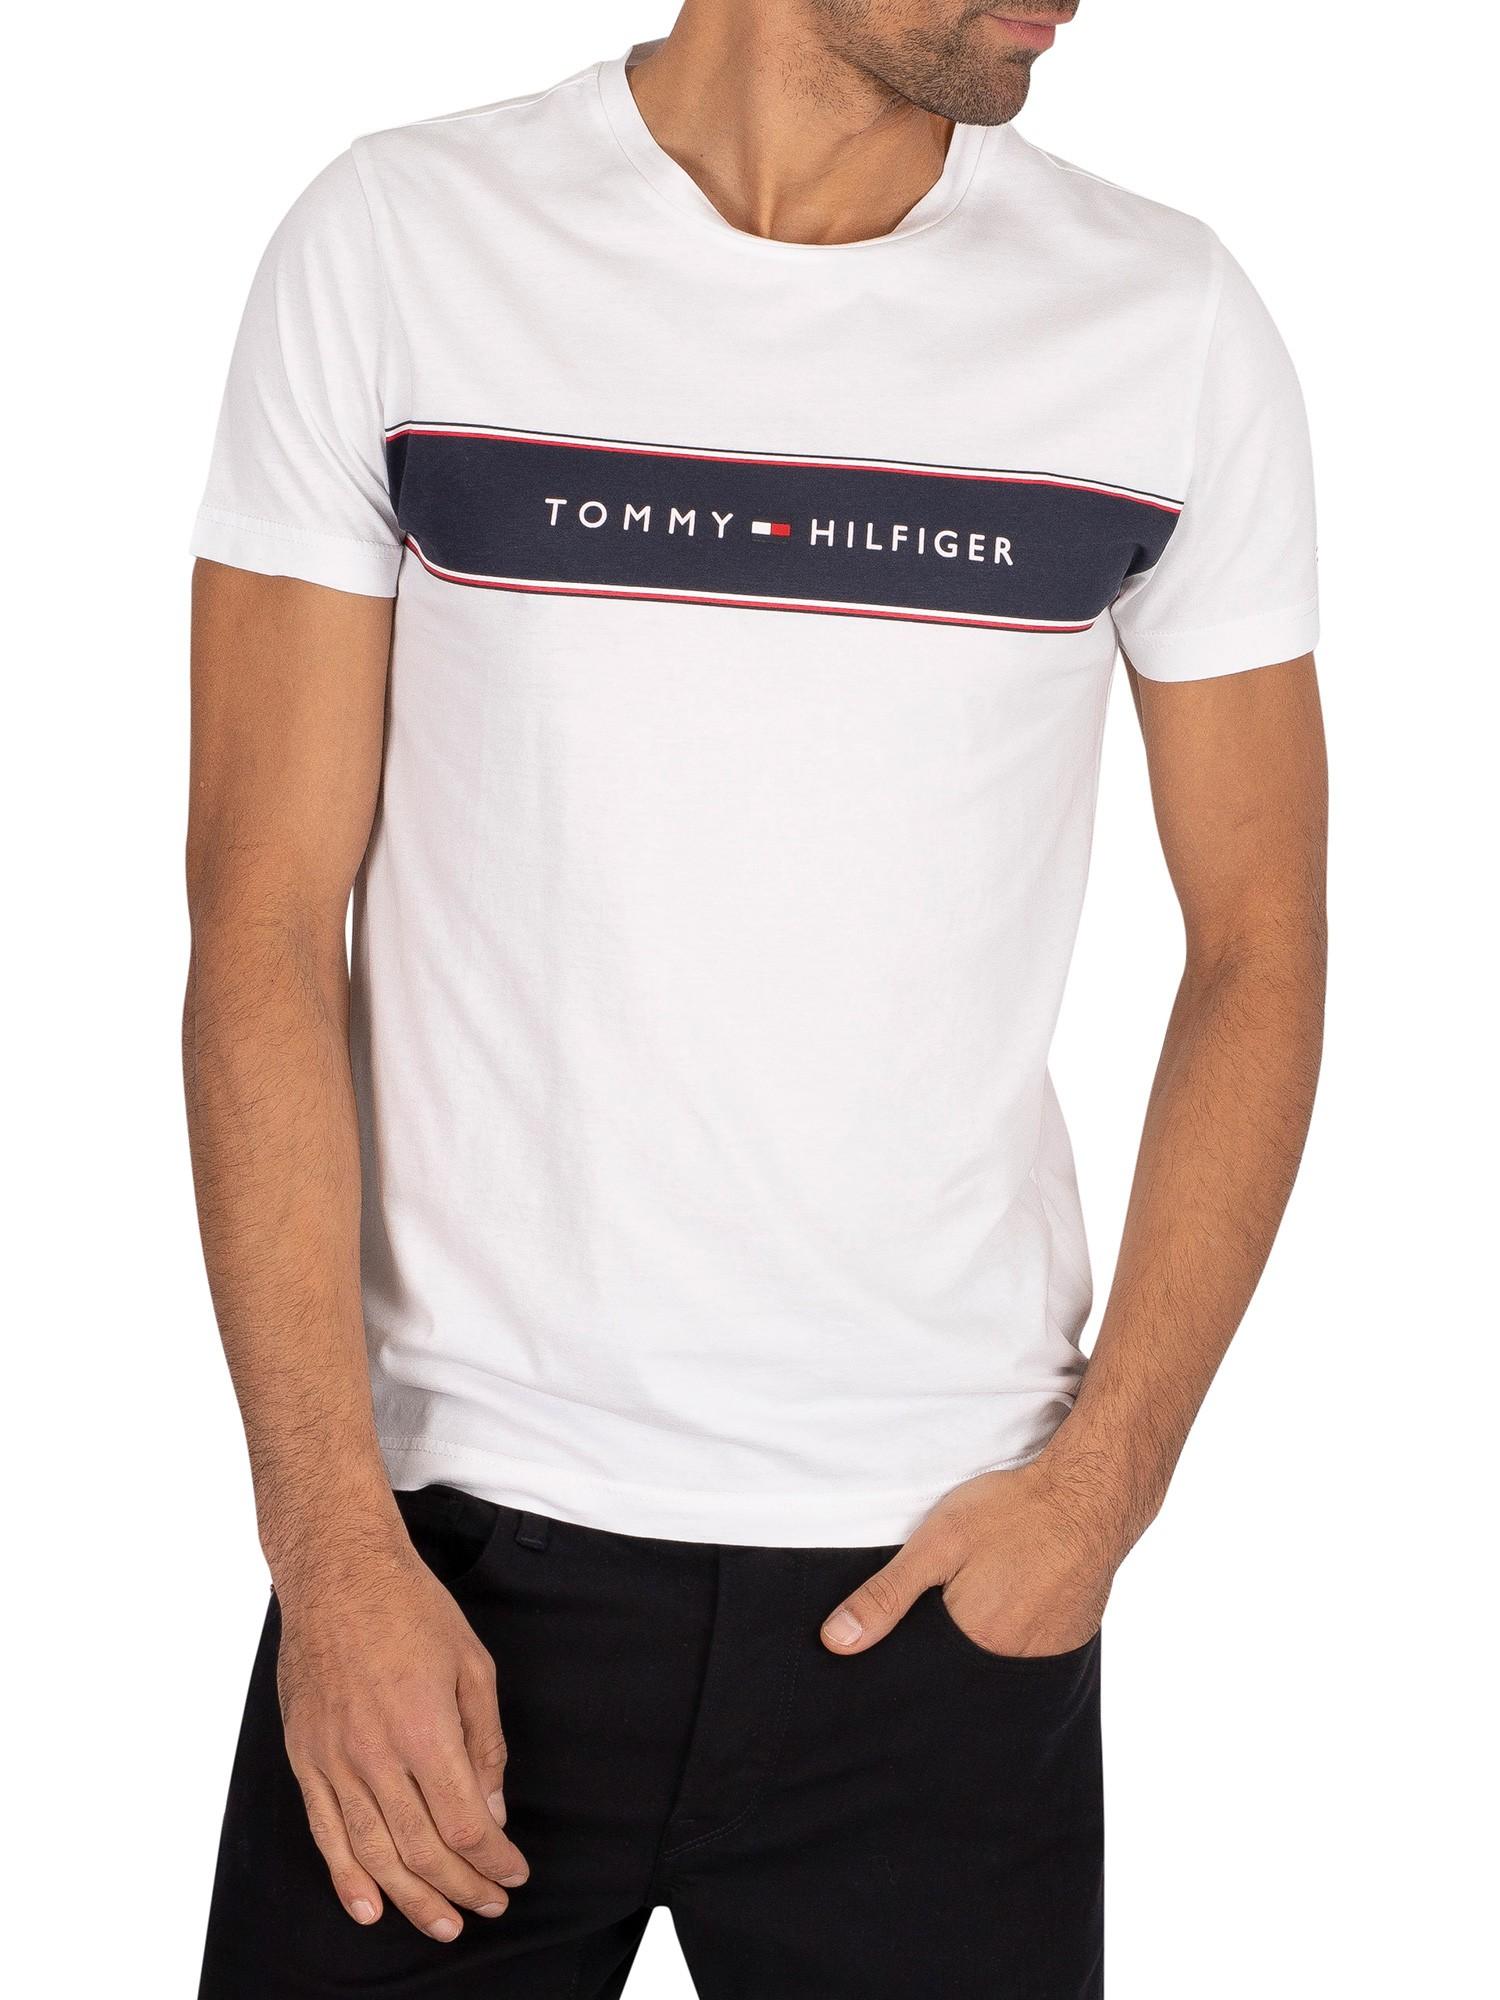 Dettagli su Tommy Hilfiger Uomo T Shirt a righe petto lungo, bianca